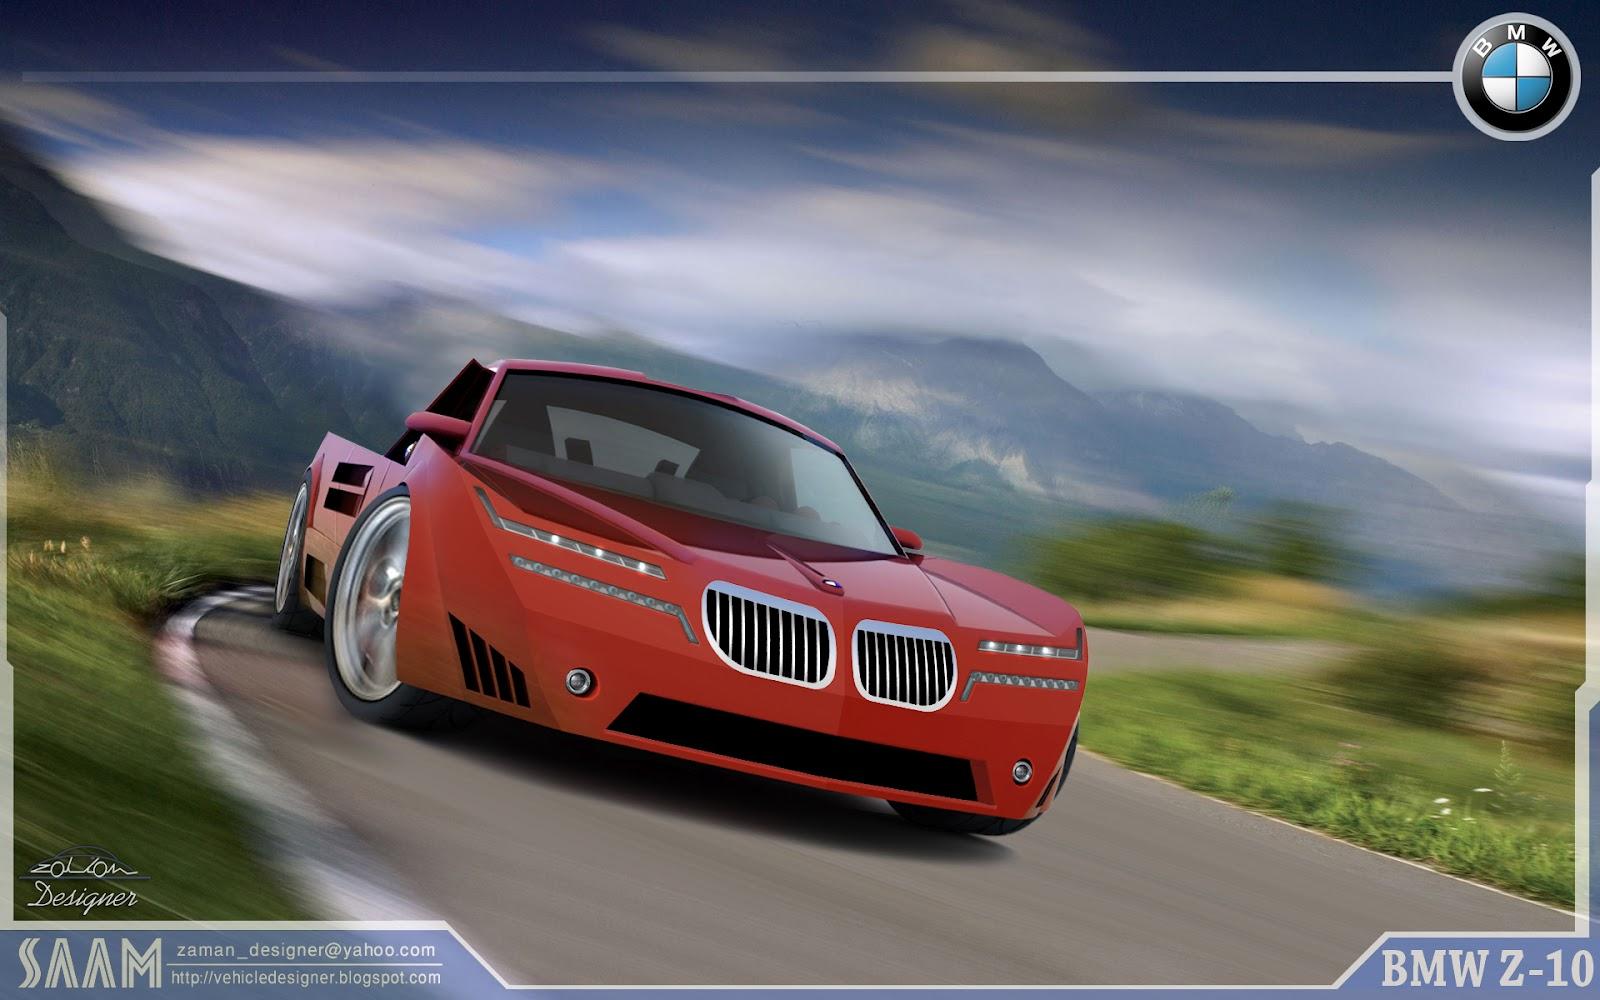 Bmw Z10 Vehicle Designs